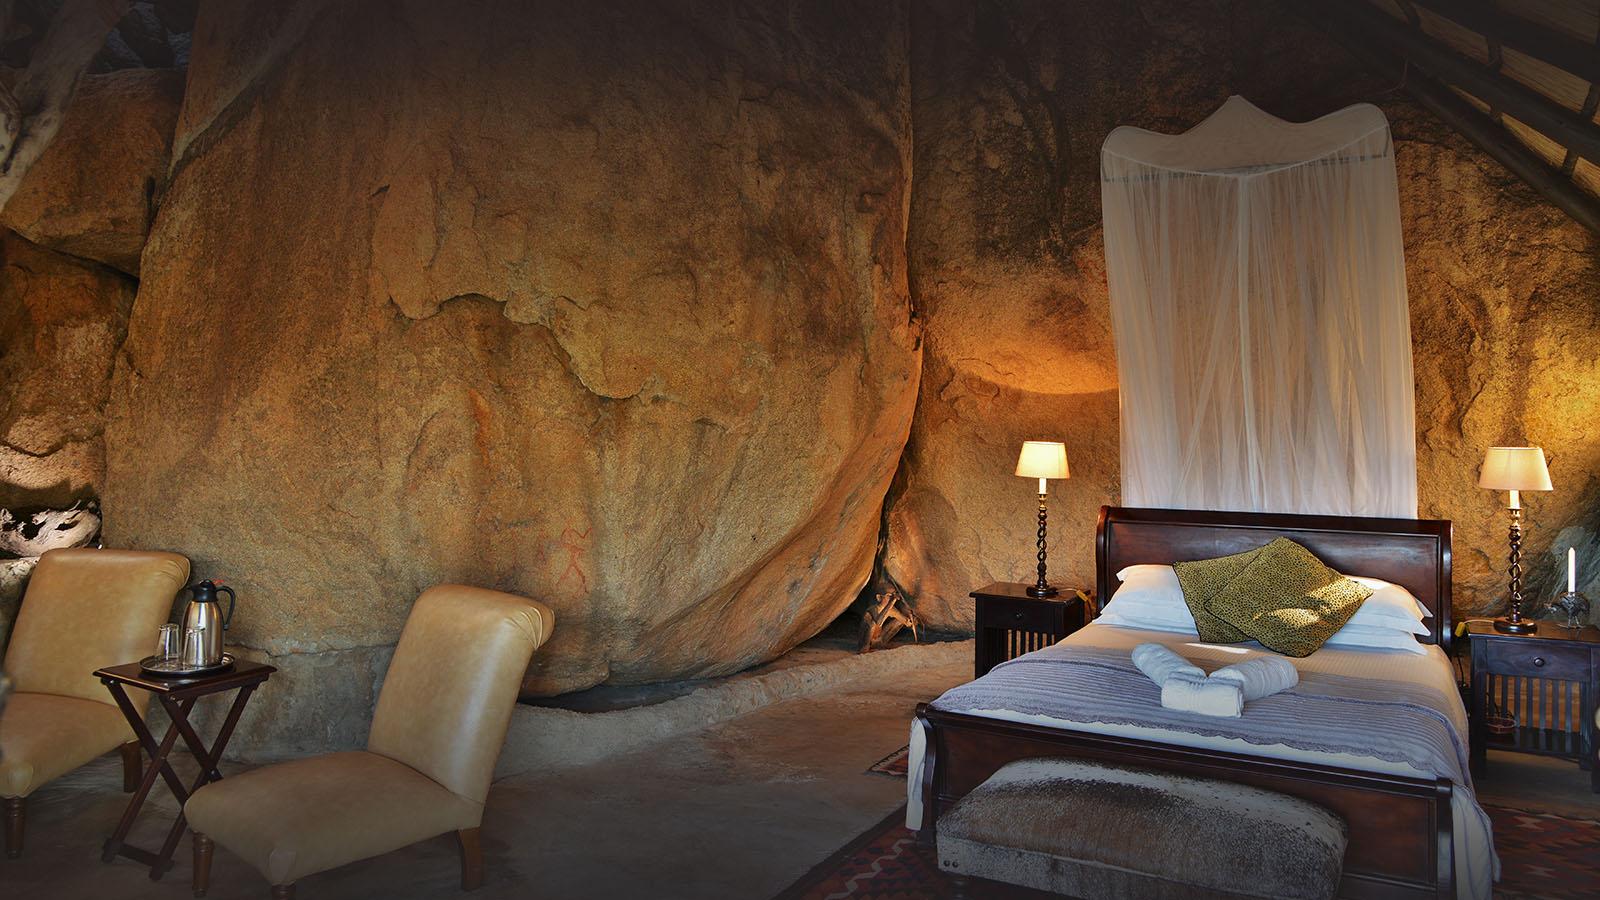 amalinda lodge matopos-national-park-lodges-zimbabwe-lodges-africa-bed-furniture